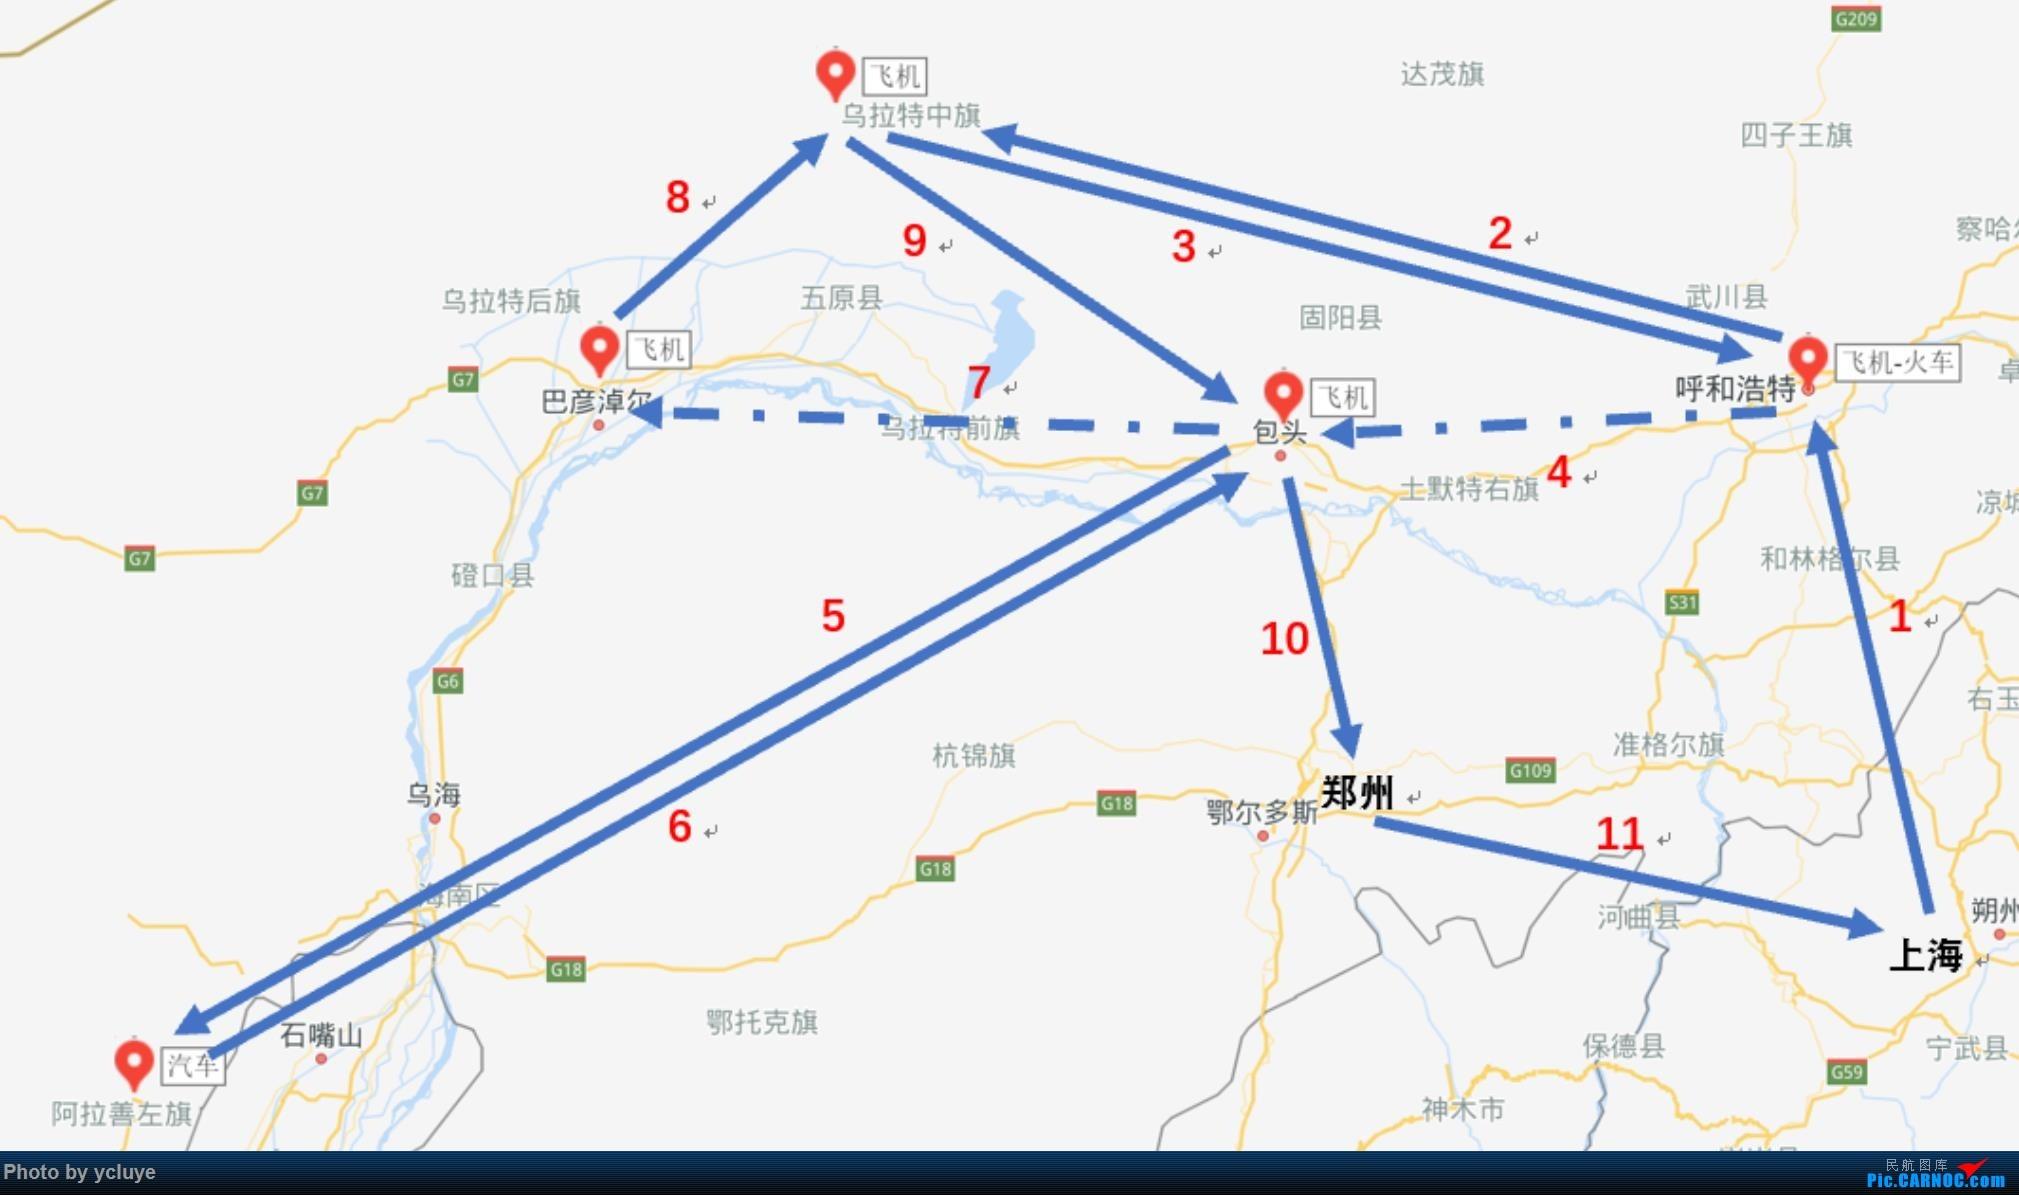 [原创](持续更新)Leo游记-未完成的内蒙古通用航空游记 BOEING 767-200